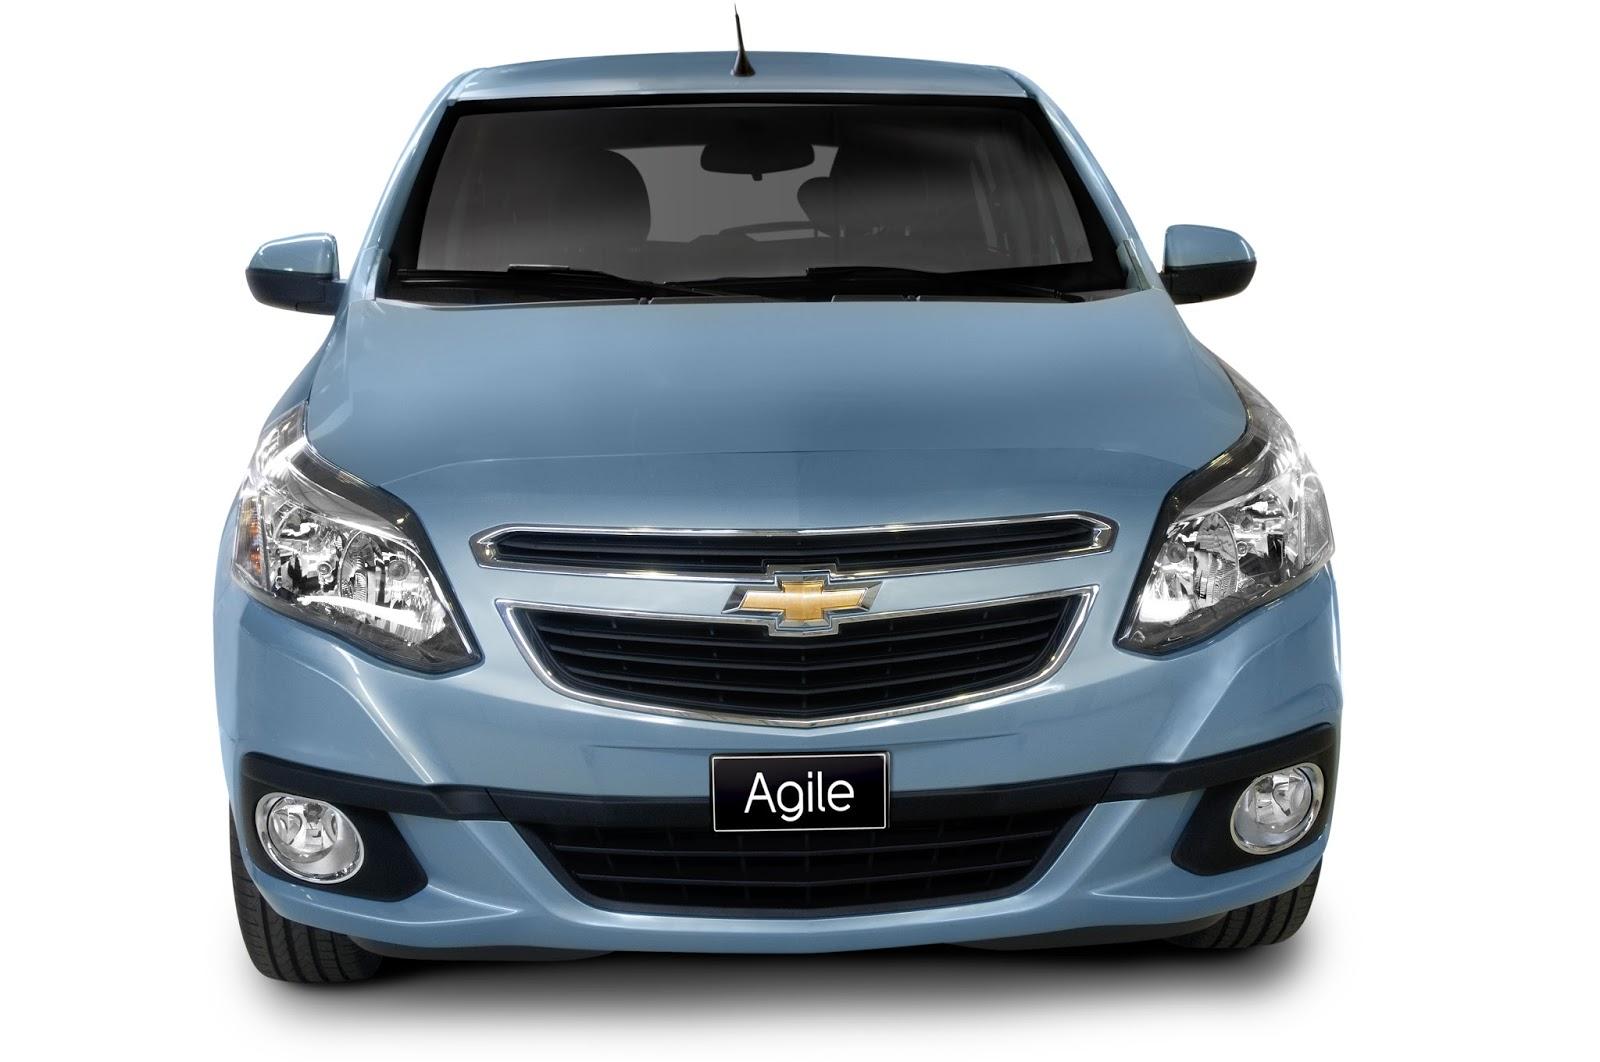 Chevrolet present el restyling del agile que luce un nuevo frontal y en la parte trasera cambios en el paragolpes y las pticas en el interior incorpora